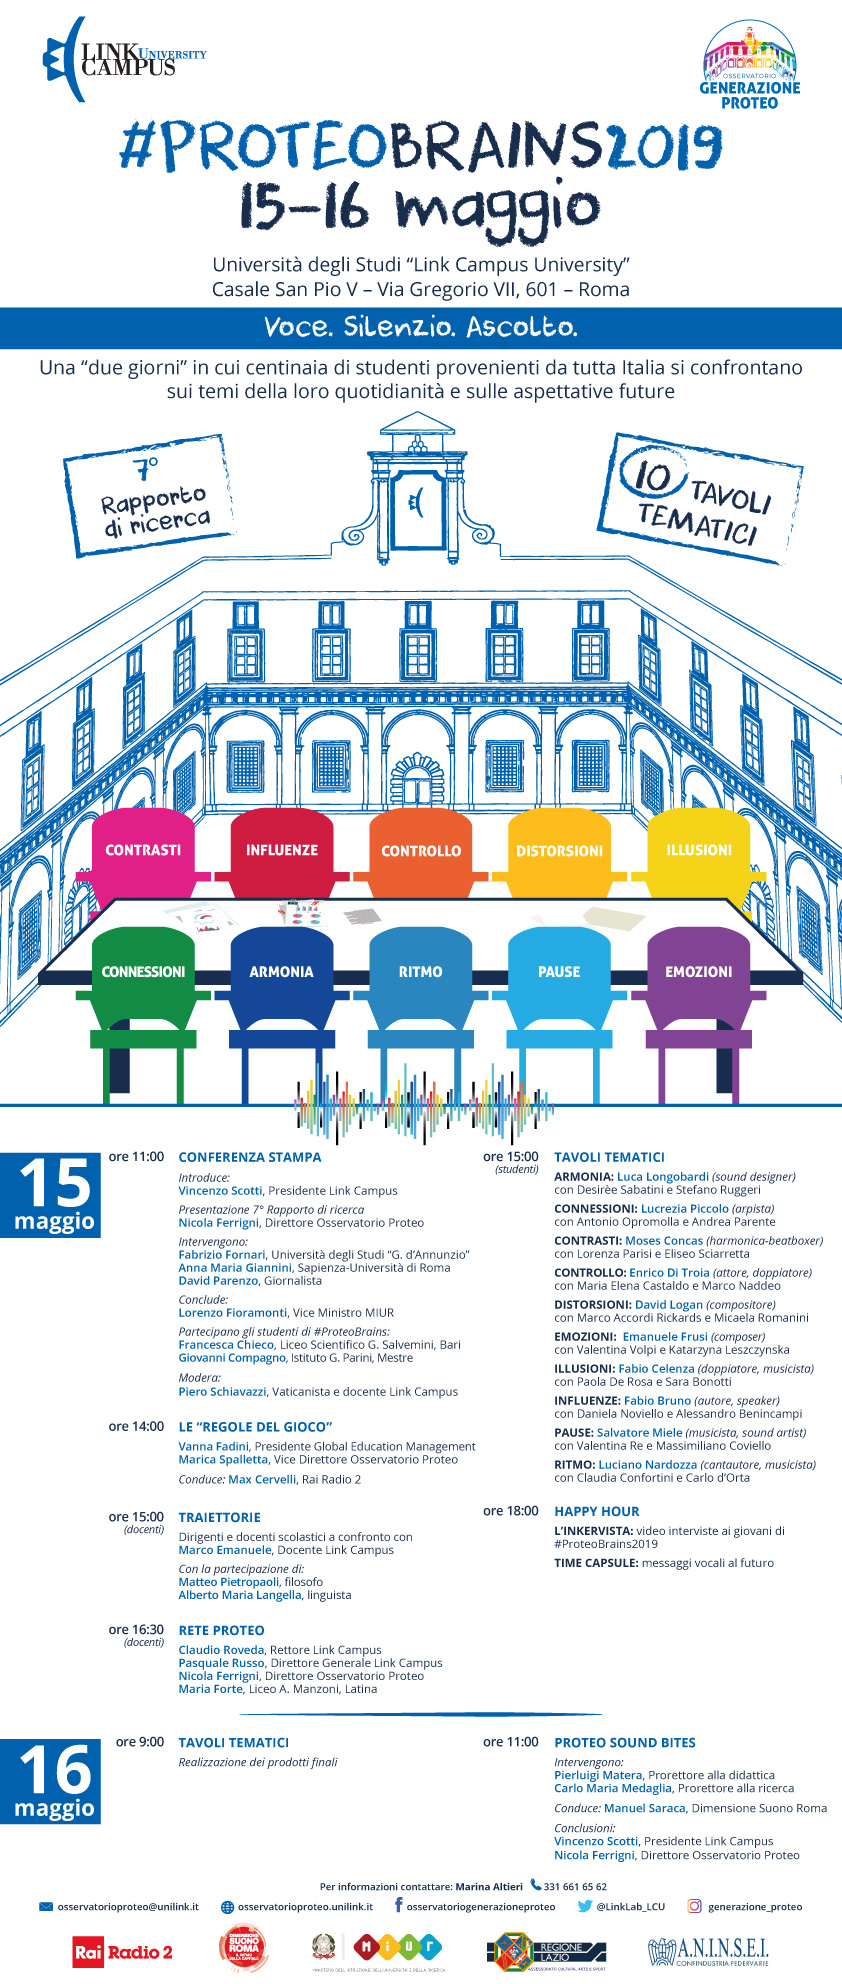 Locandina ProteoBrains2019 def per social